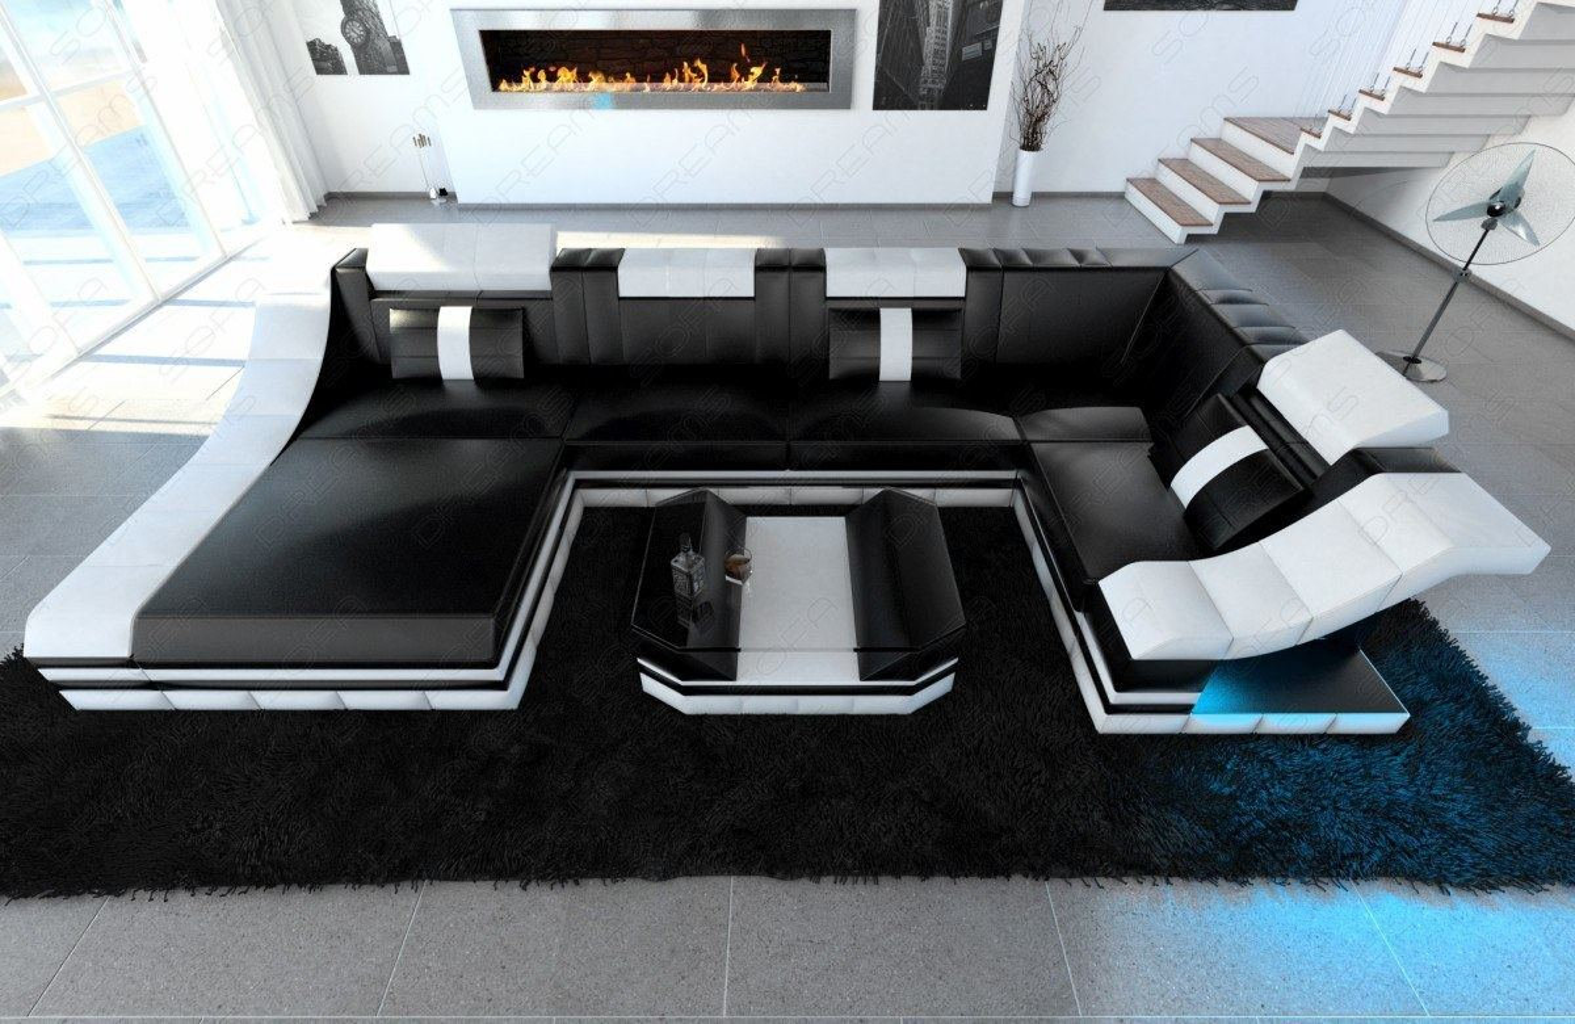 eckcouch moderne wohnlandschaft turino u form mit led beleuchtung schwarz wei ebay. Black Bedroom Furniture Sets. Home Design Ideas